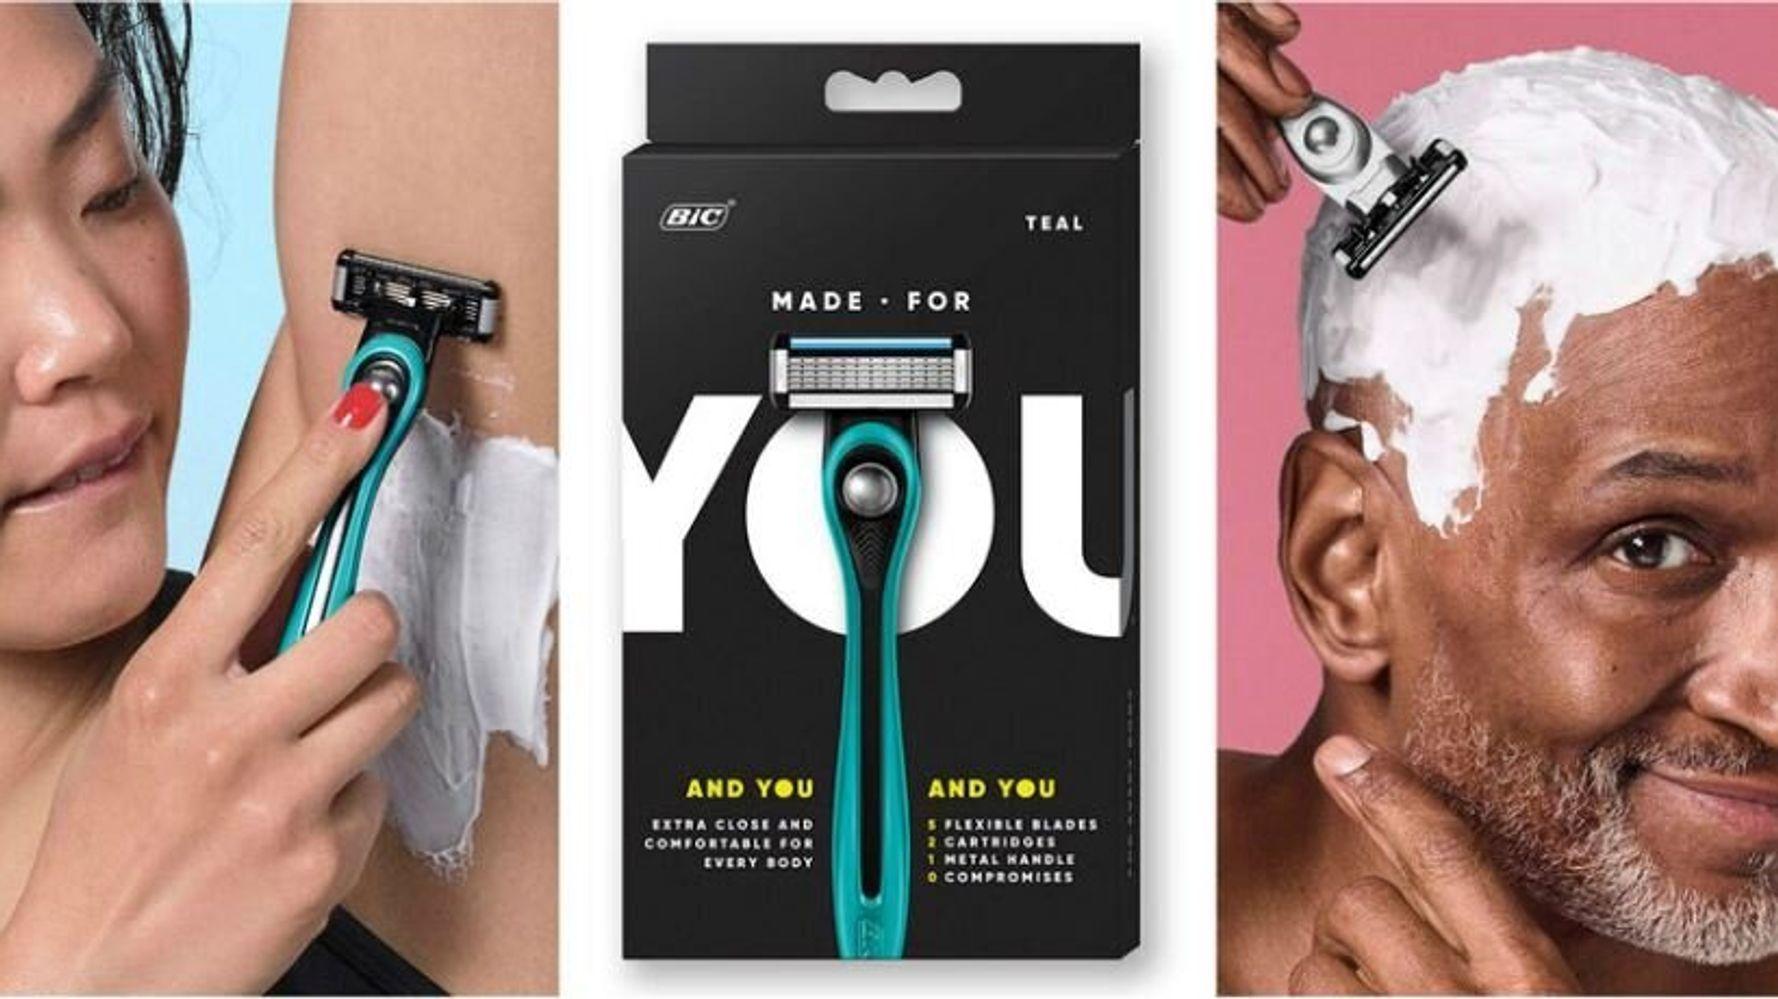 Bic vend son premier rasoir unisexe | Le Huffington Post Ça marche